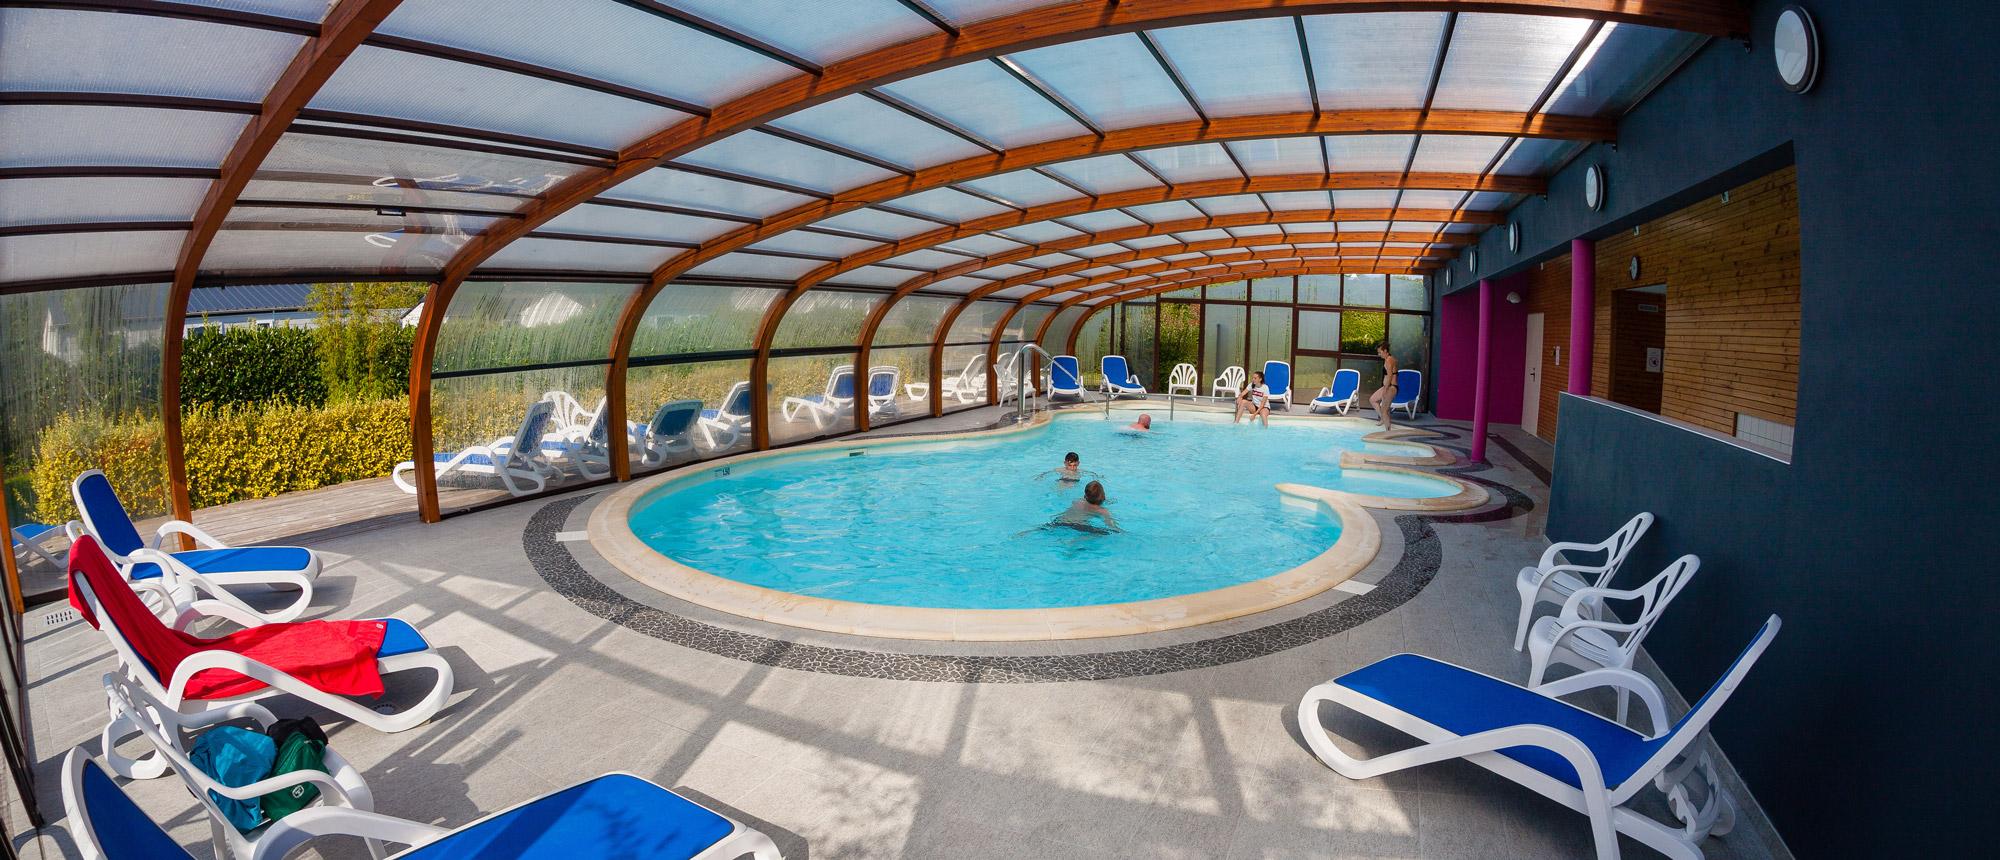 Vue intérieure de la piscine couverte du camping Ar Kleguer